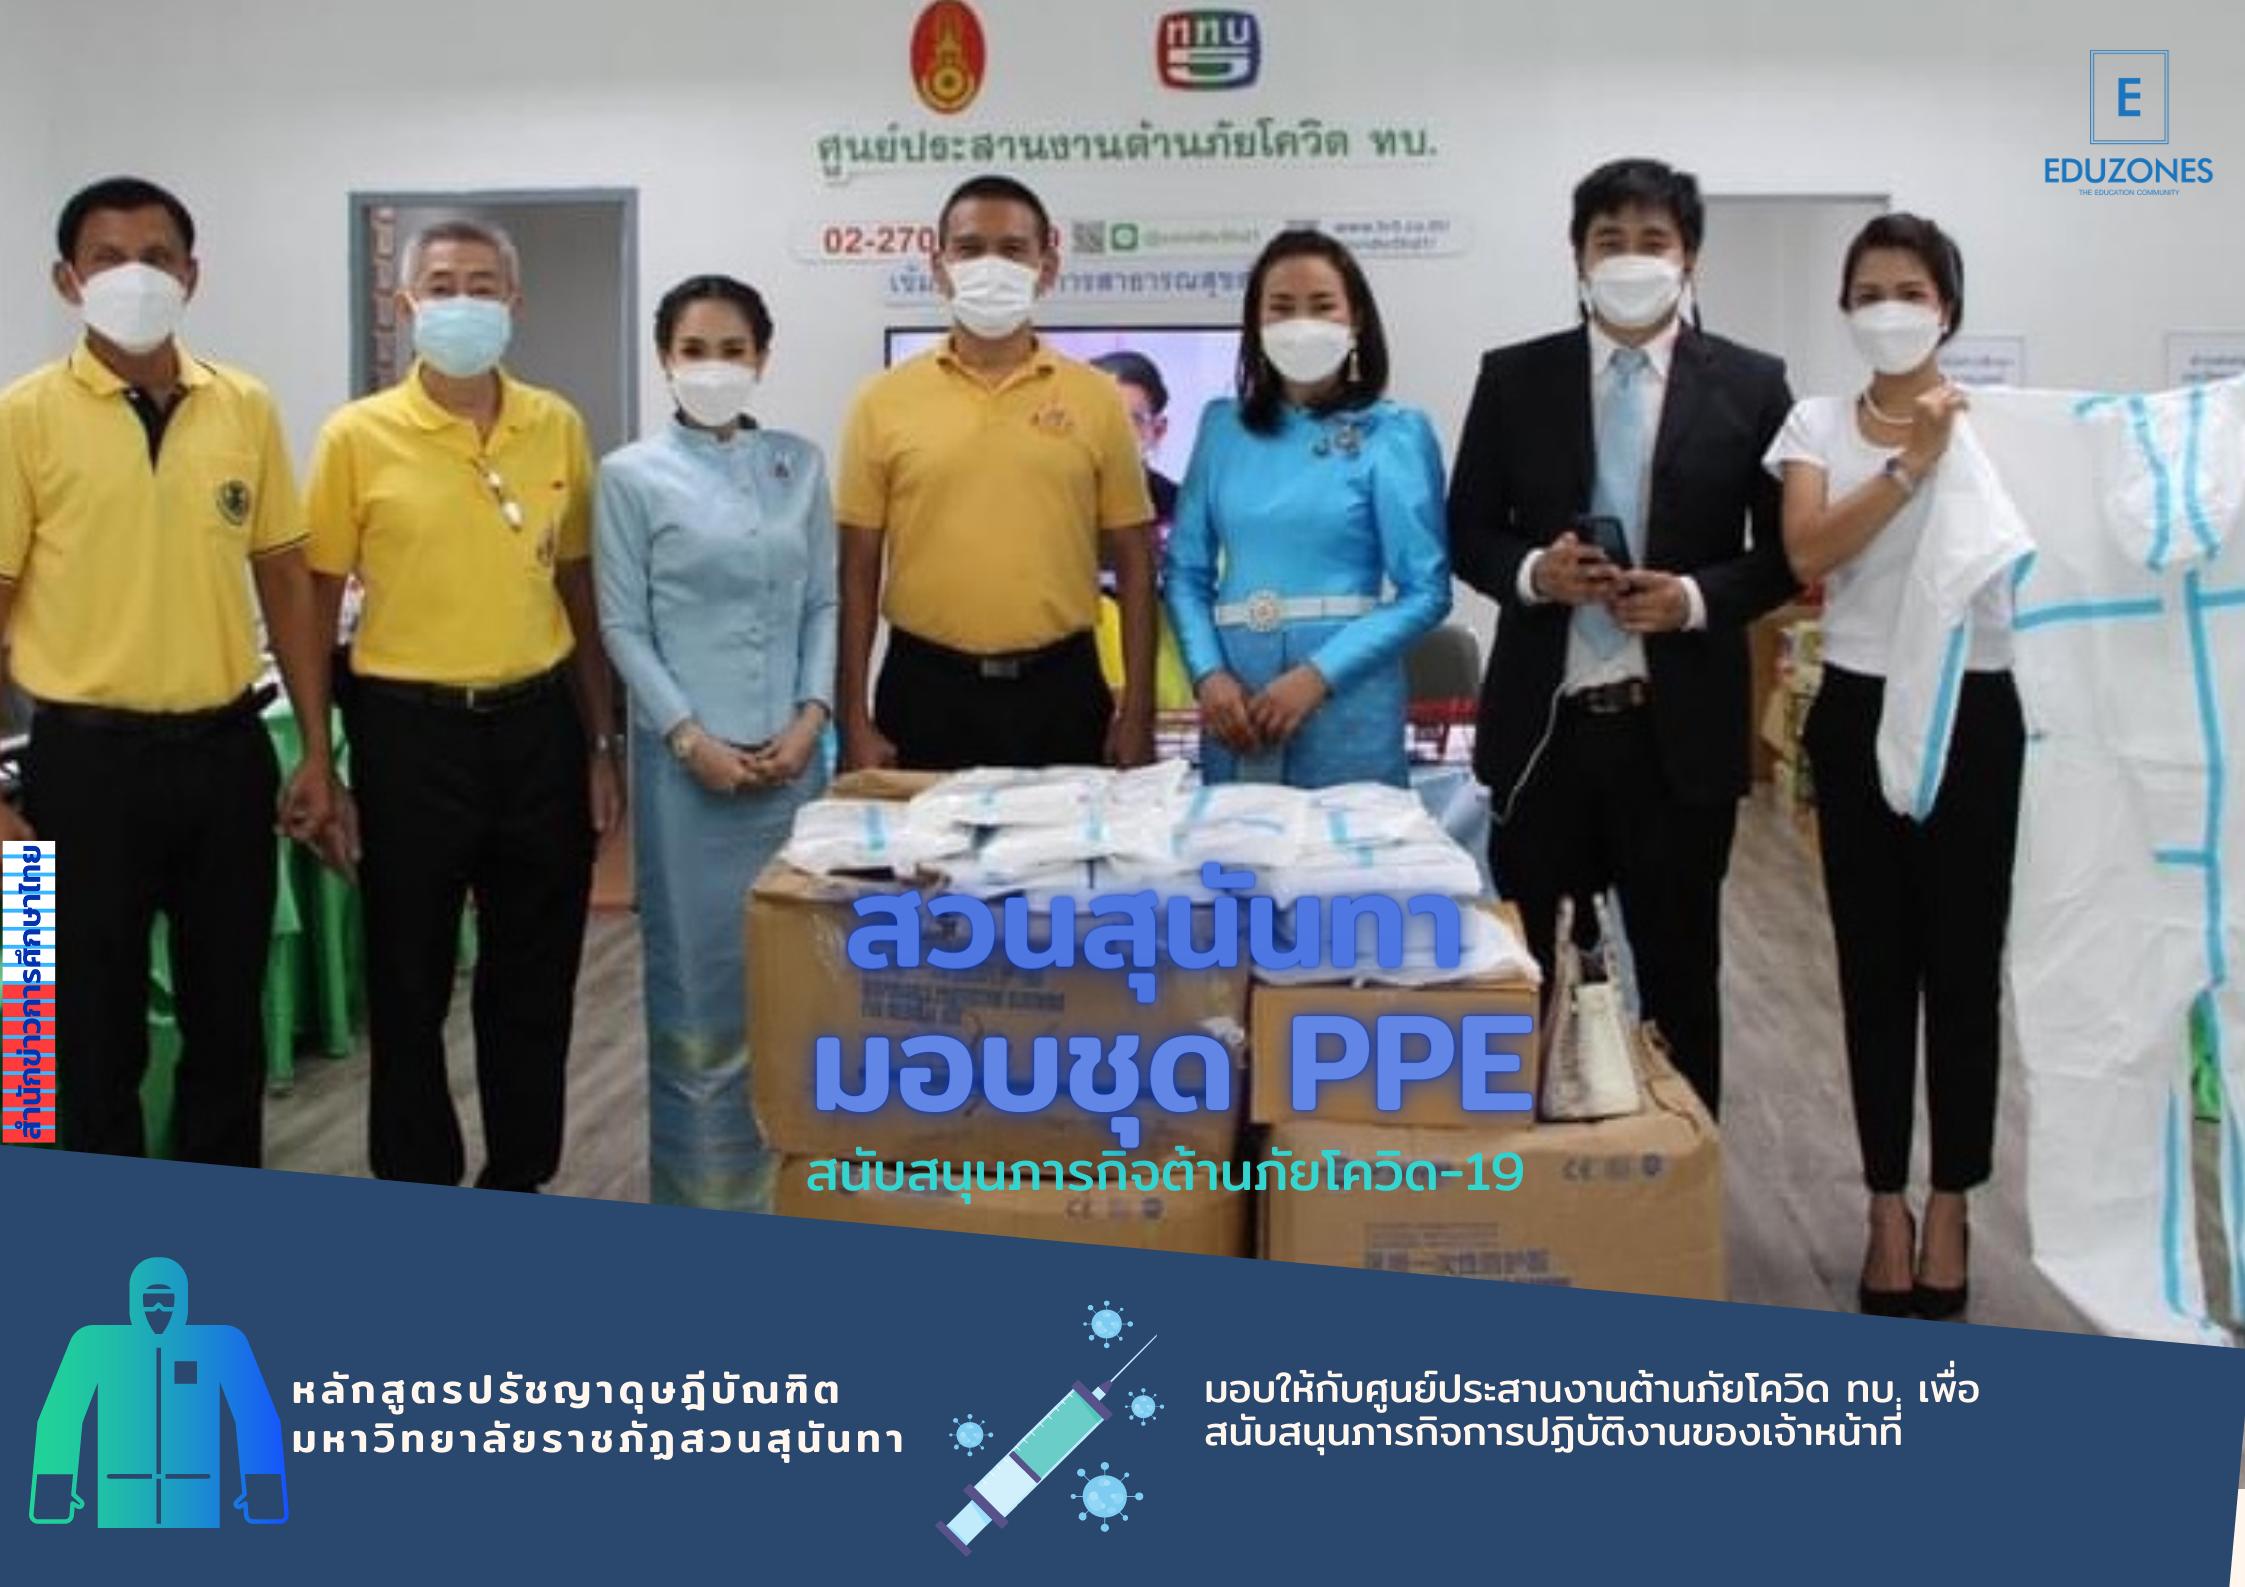 สวนสุนันทา มอบชุด PPE สนับสนุนภารกิจต้านภัยโควิด-19